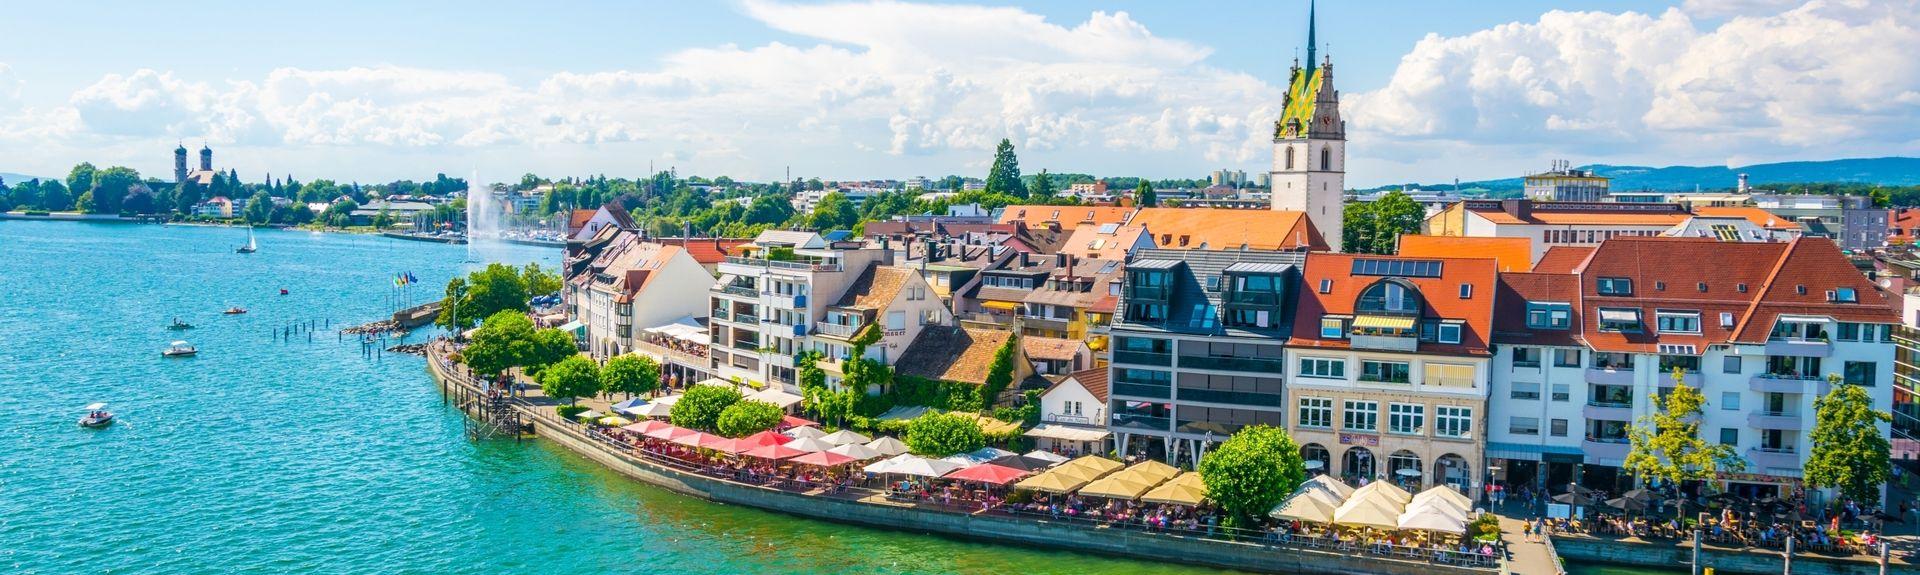 Friedrichshafen, Baden-Württemberg, Deutschland